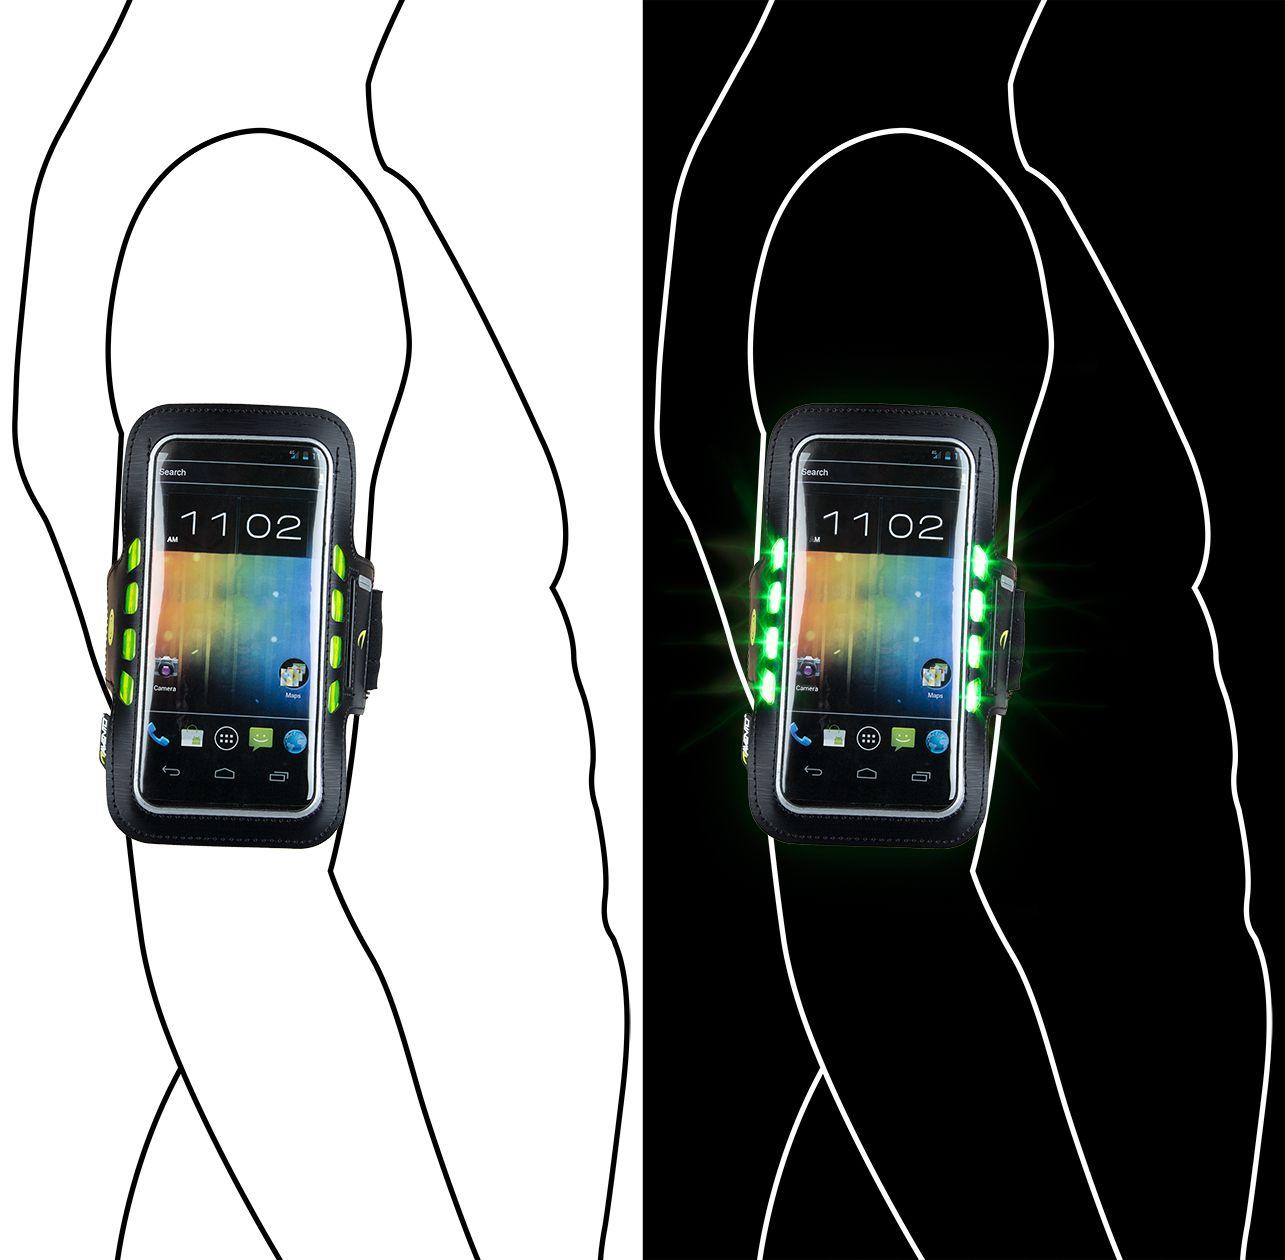 21pq smartphone sports armband led design, development and tradesmartphone sports armband led 21pq � 21pq achter � 21pq ingebruikart